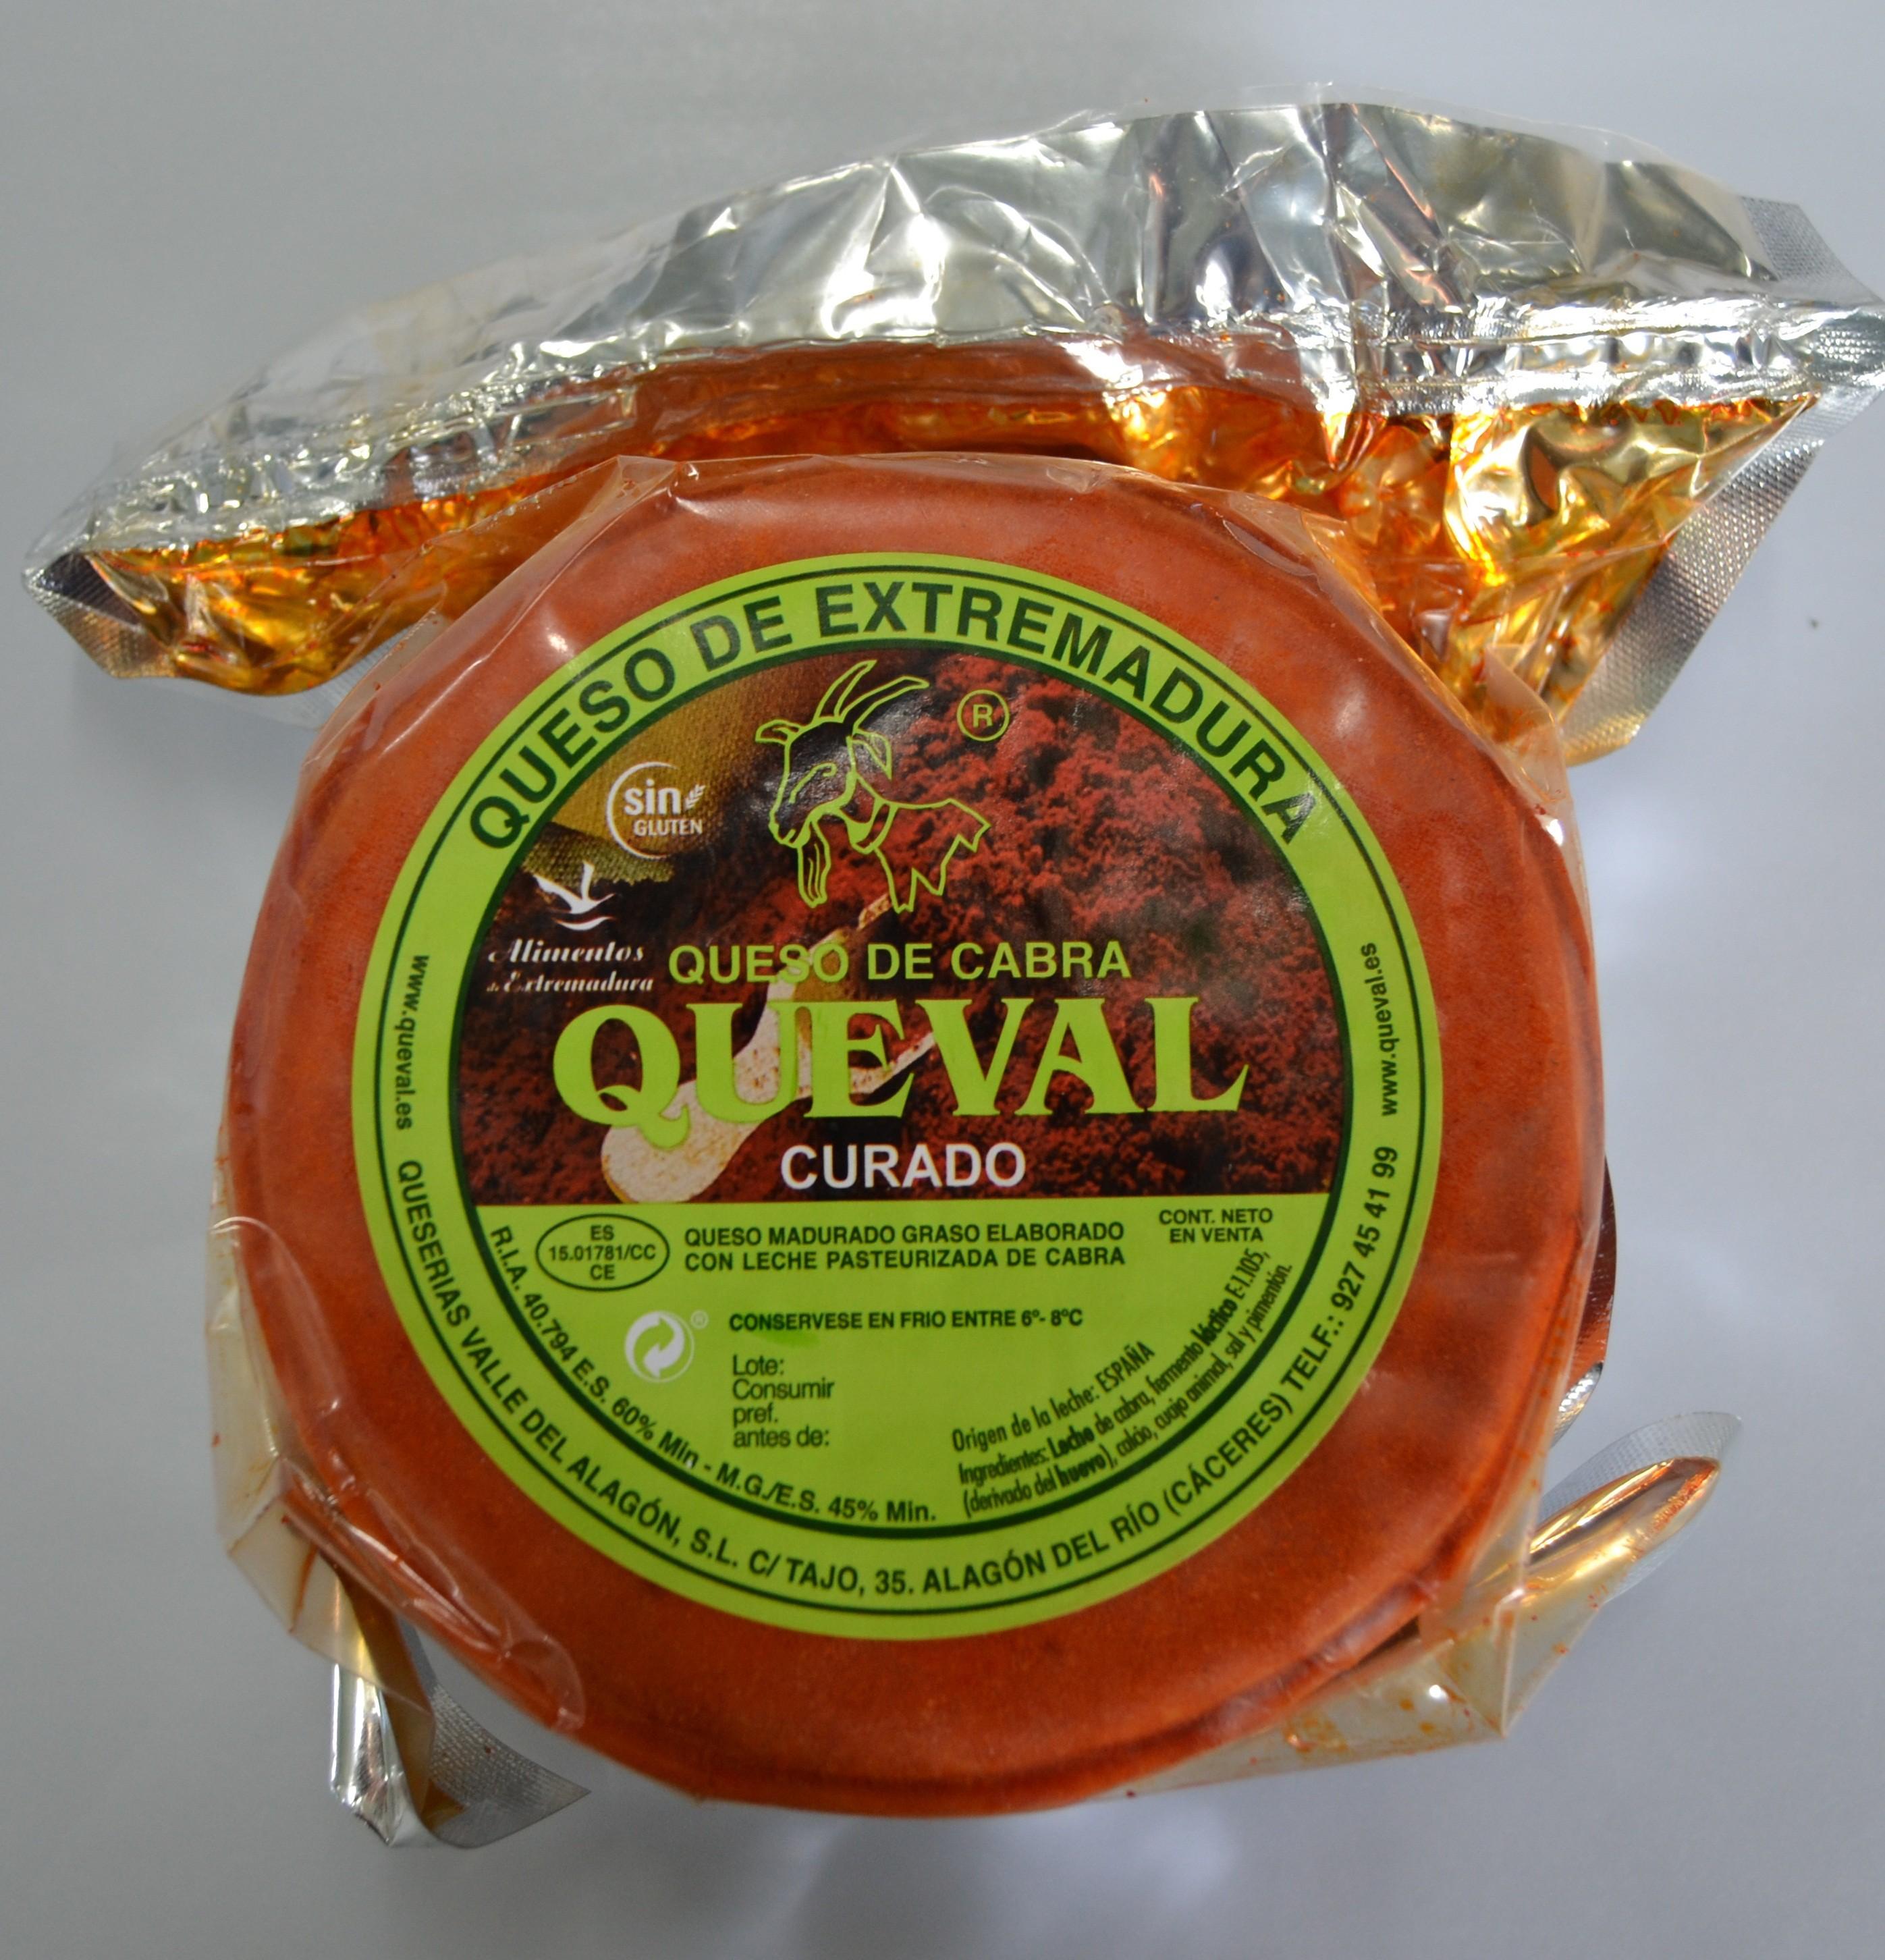 QUESO DE CABRA CON PIMENTÓN QUEVAL CURADO